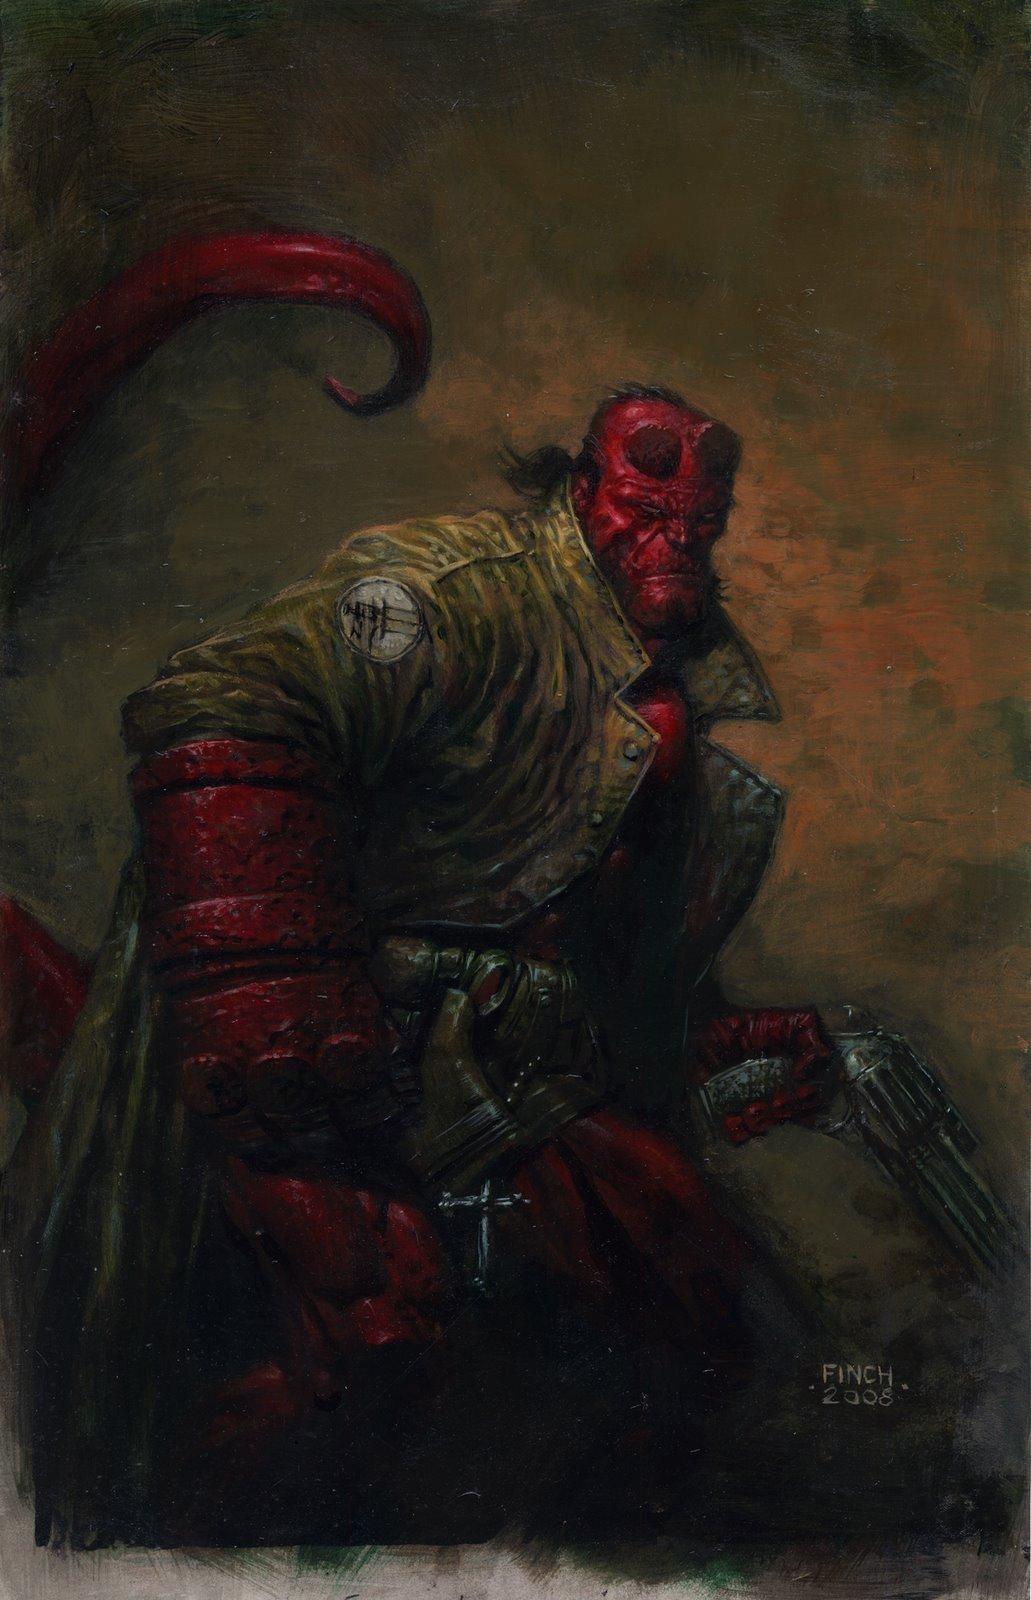 guillermo-del-toro-discusses-his-apocalyptic-hellboy-3-david_finch_hellboy_1.jpg